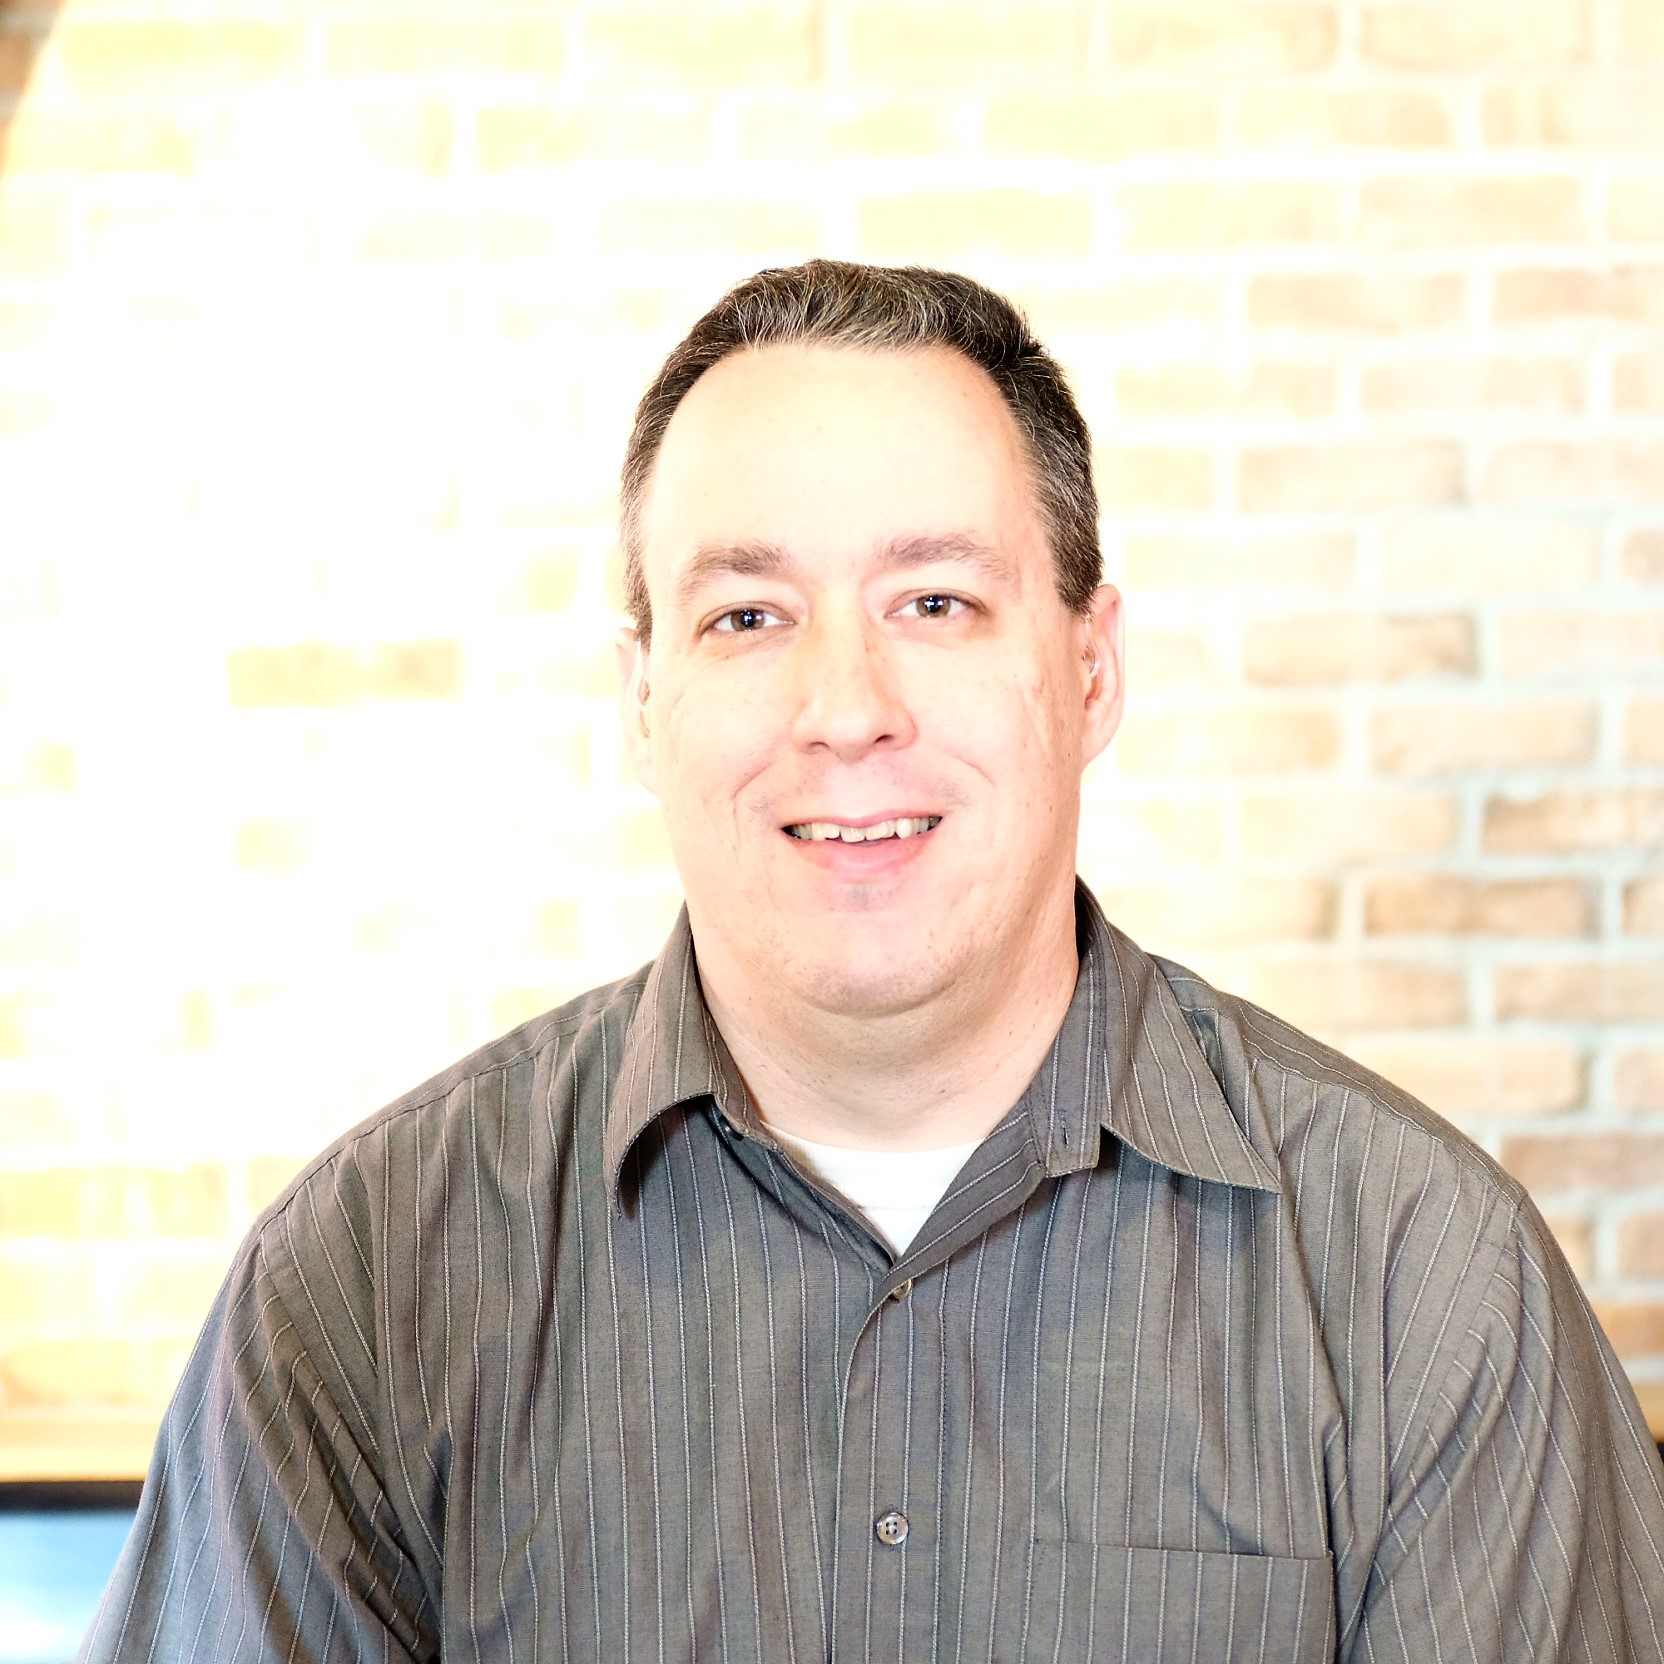 Eric Livingston